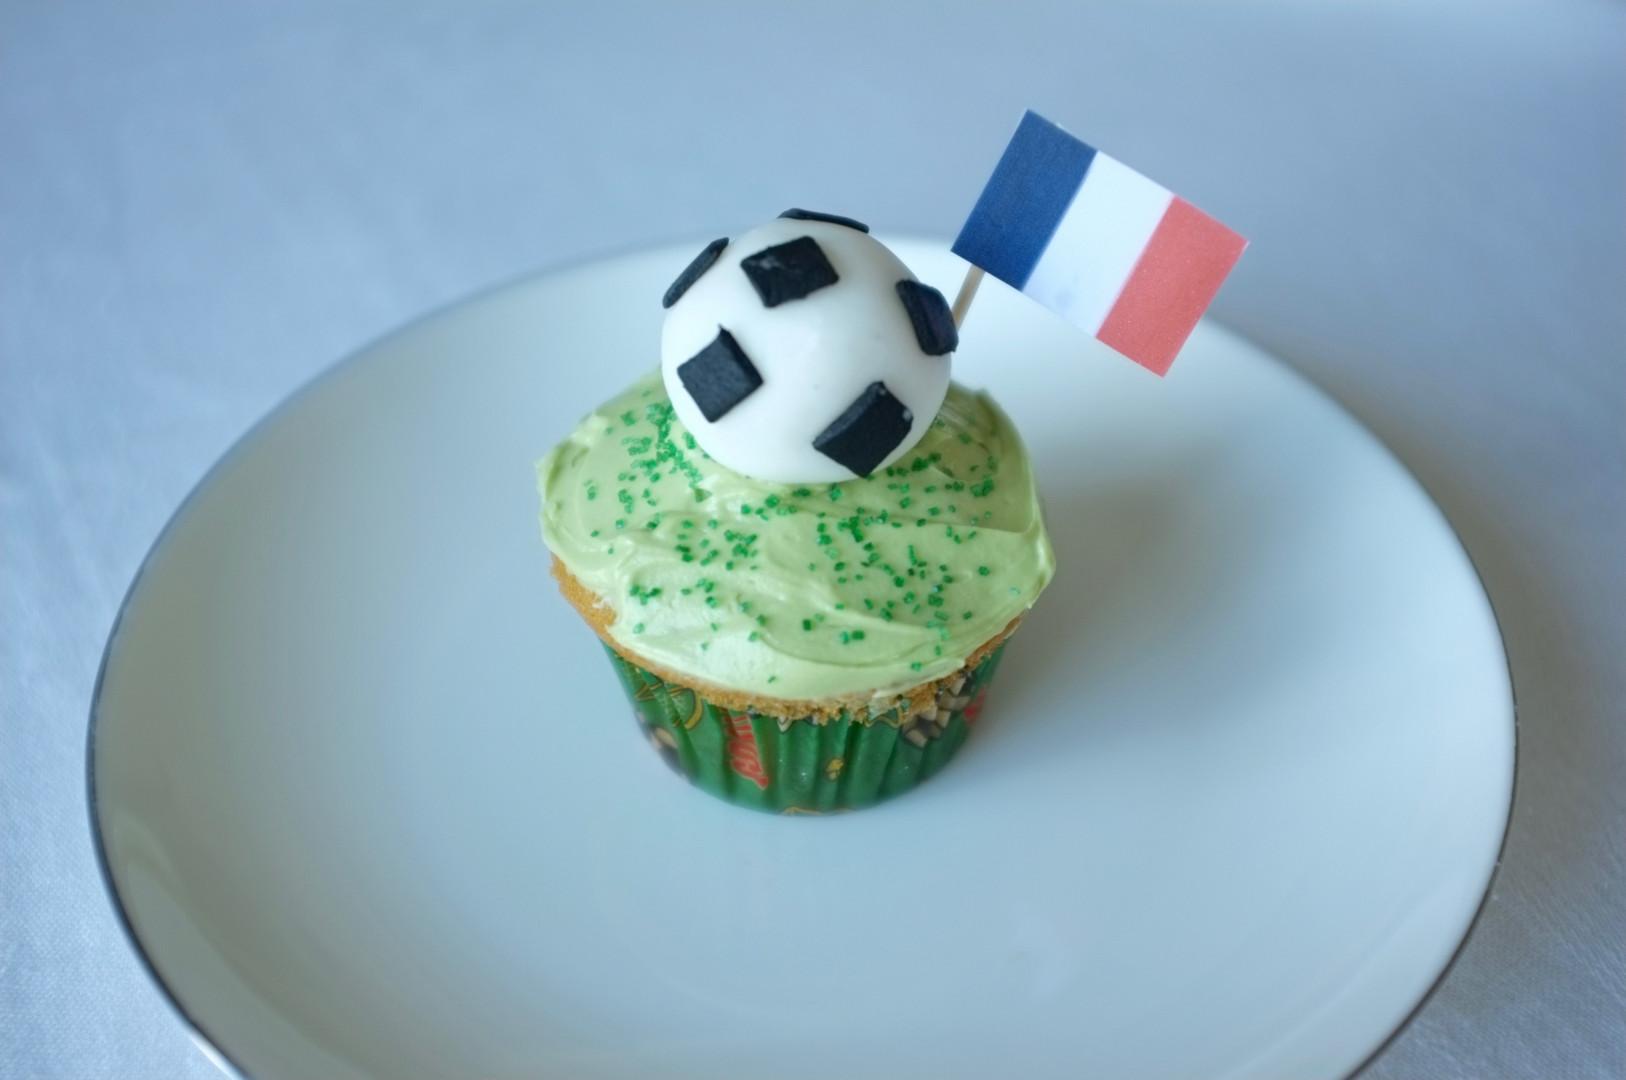 Recette sans gluten de cupcake vanille pour l'Euro 2016